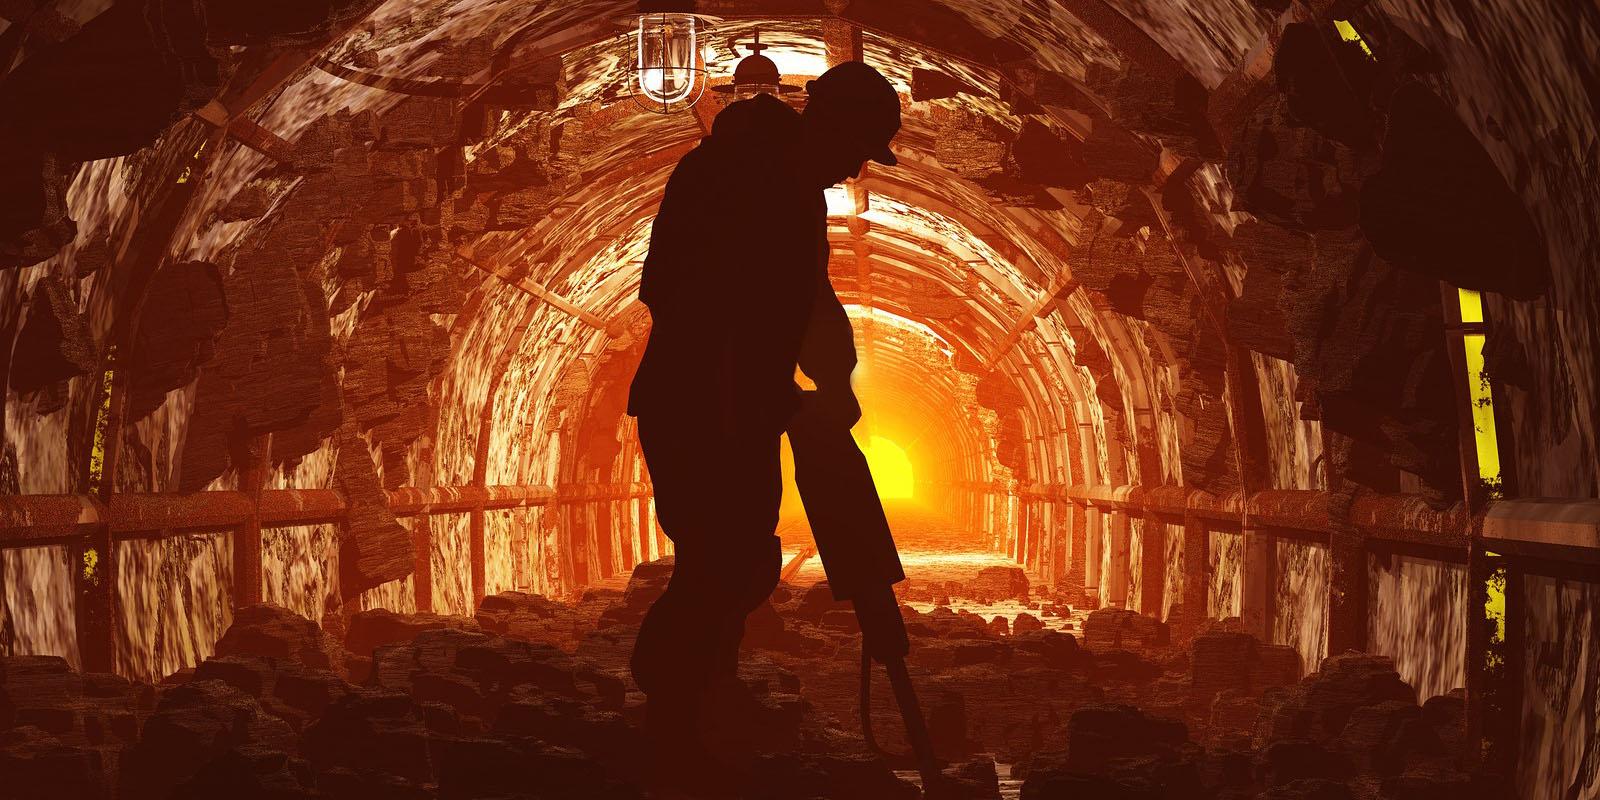 بخش معدن اهداف اقتصاد مقاومتی را محقق میکند